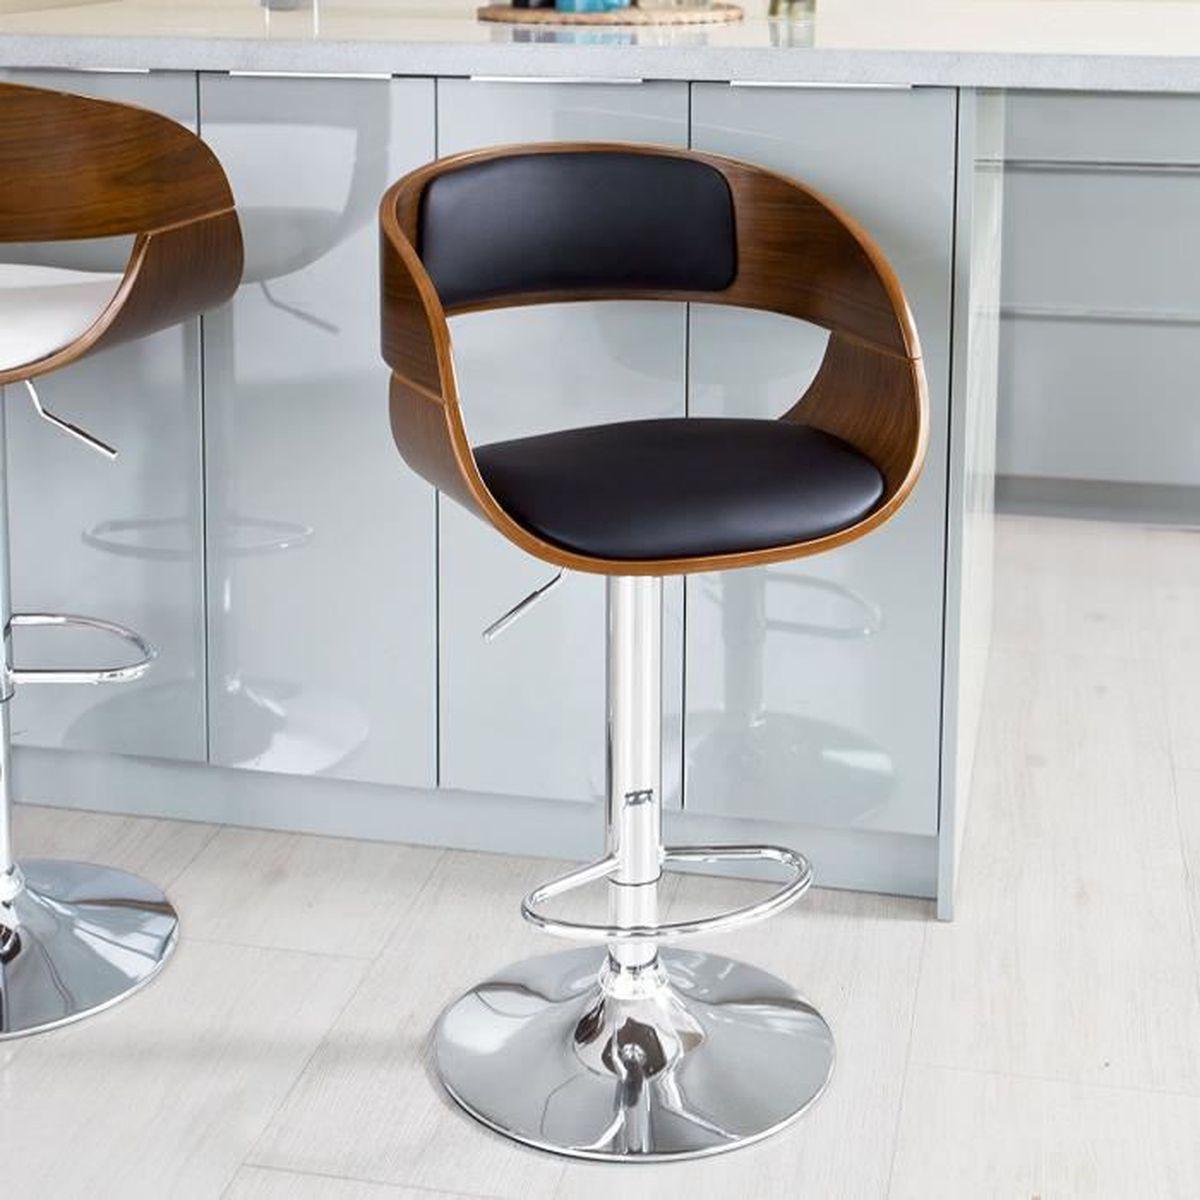 tabouret de bar rotatifs et r glables en hauteur avec dossier et repose pieds haute qualit. Black Bedroom Furniture Sets. Home Design Ideas